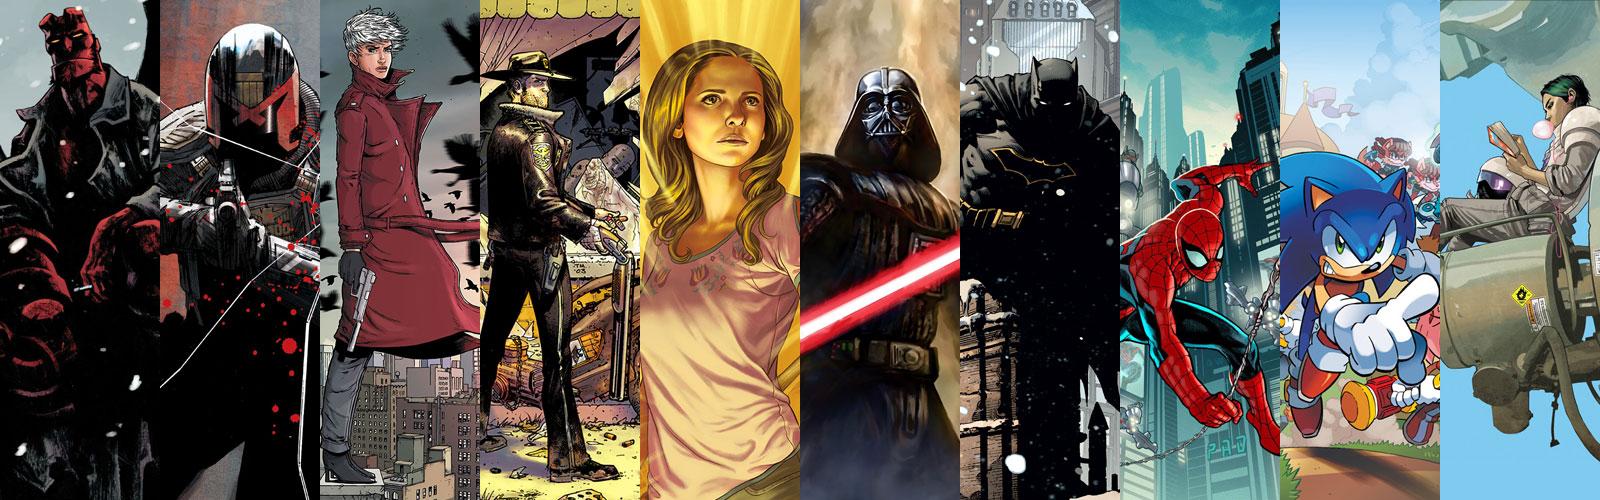 ACE Comics Subscriptions Service